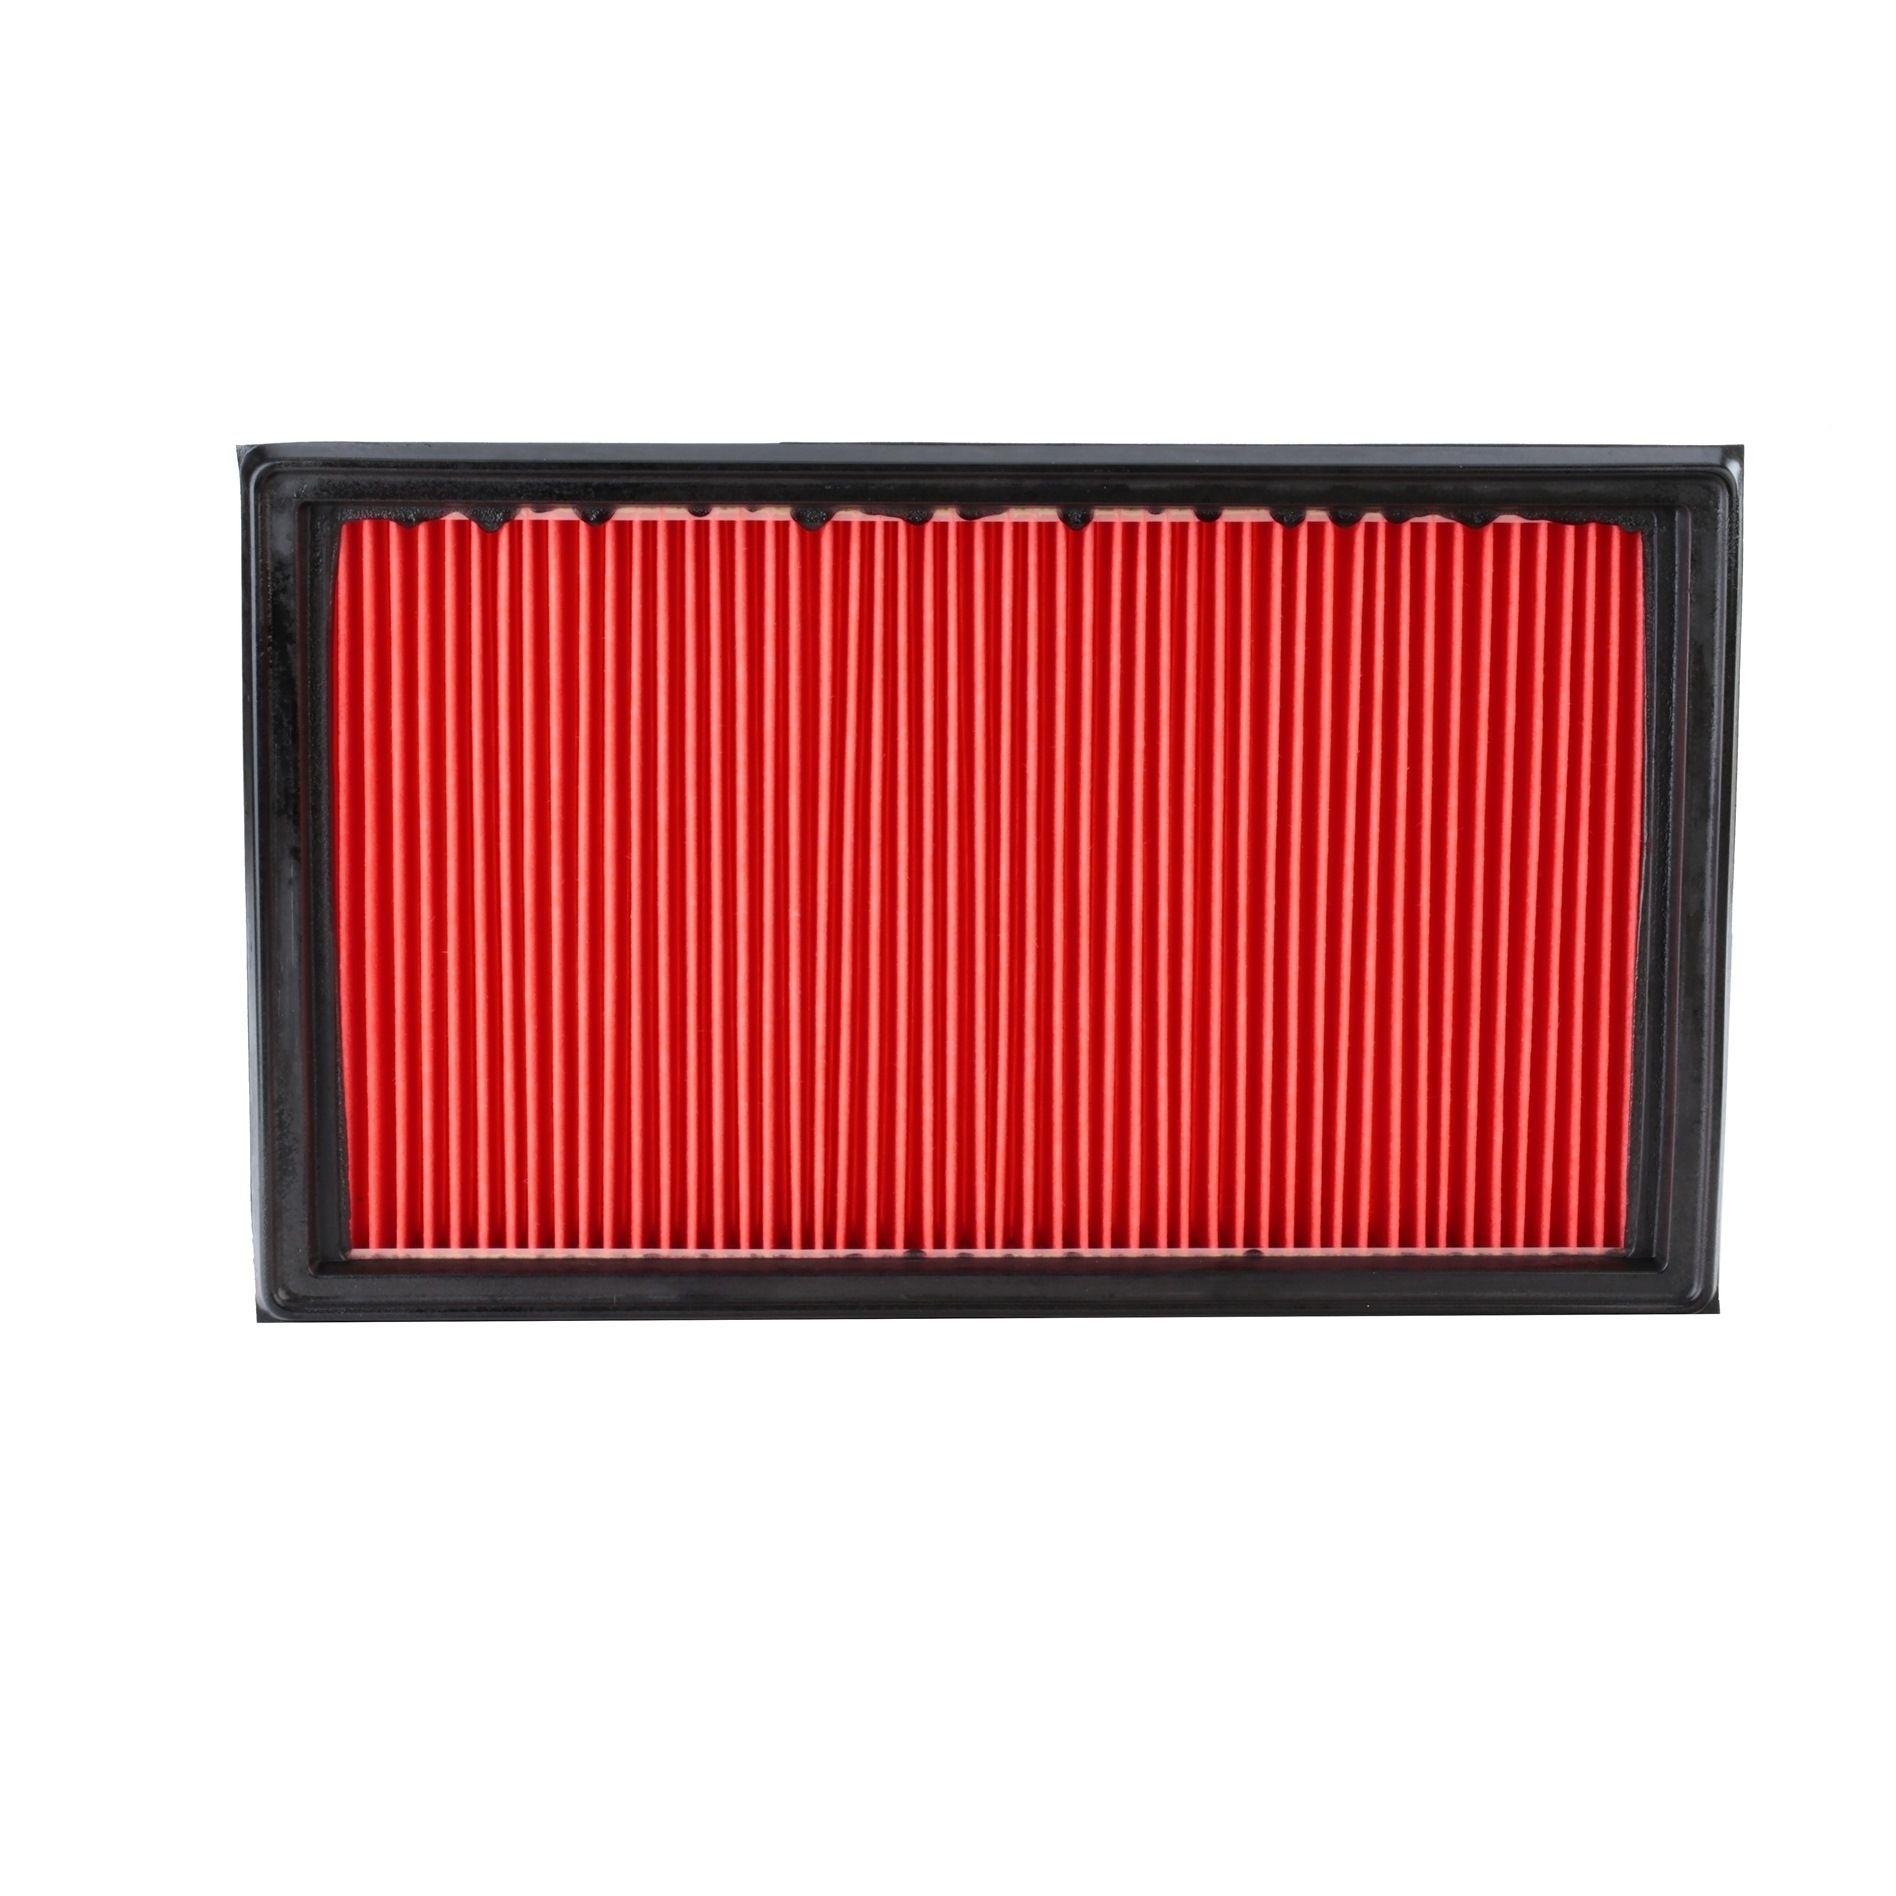 Zracni filter LX 307 z izjemnim razmerjem med MAHLE ORIGINAL ceno in zmogljivostjo